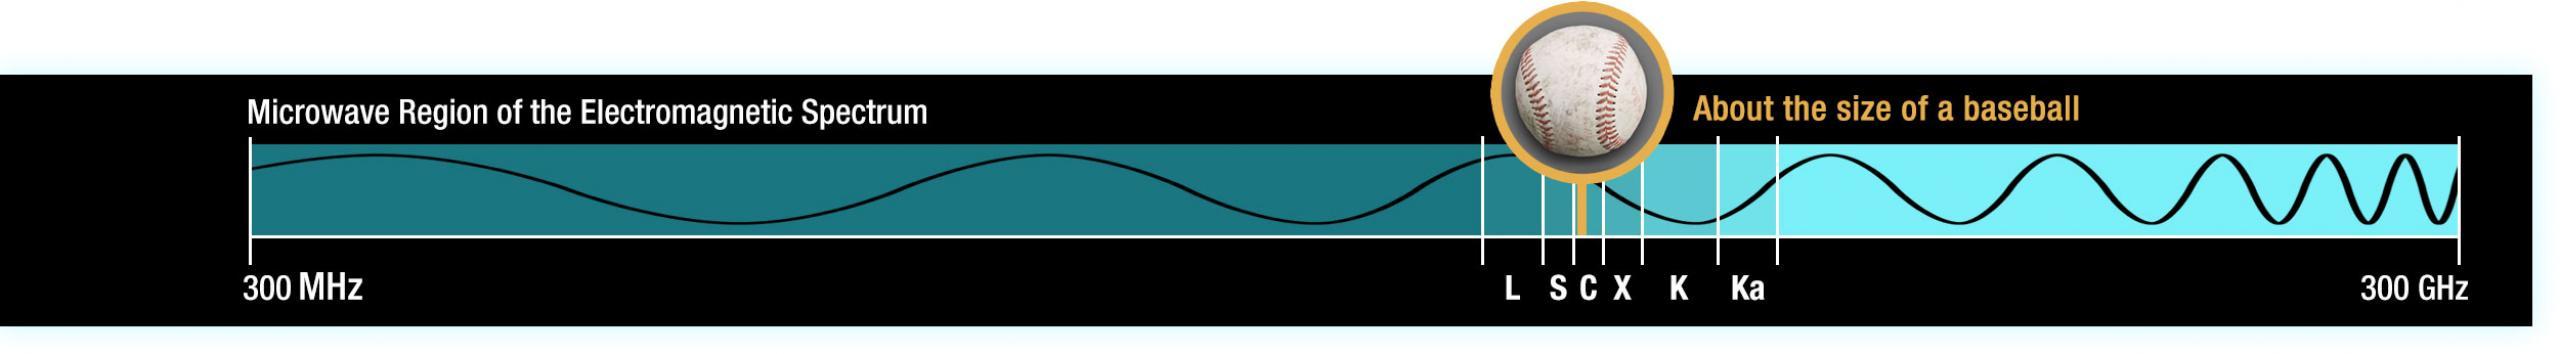 microwave-wave.jpg